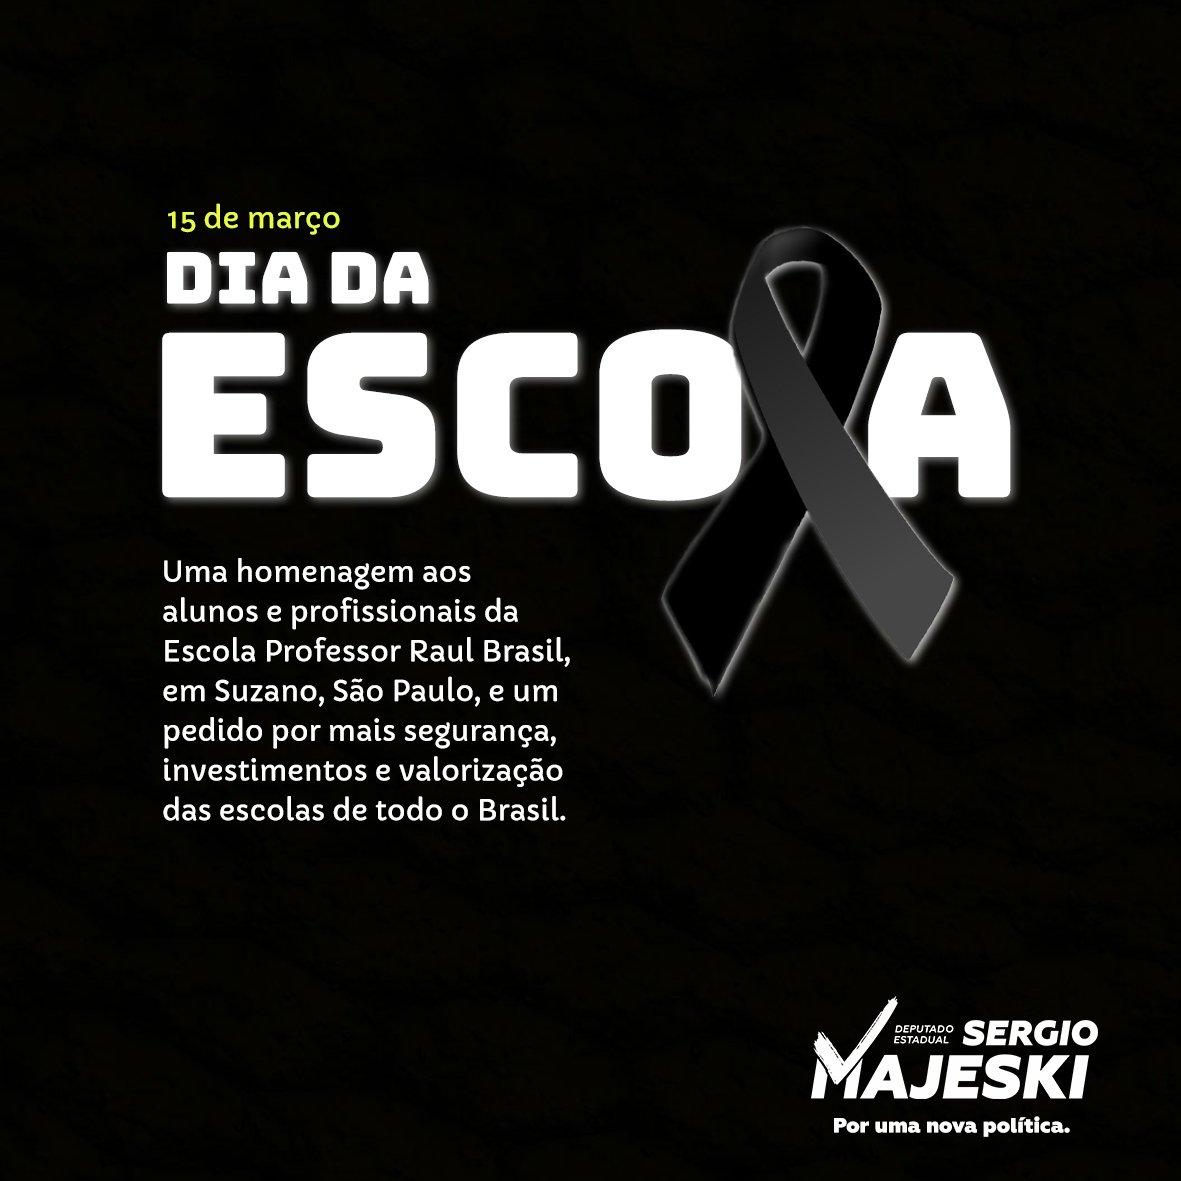 Sergio Majeski's photo on #DiaDaEscola